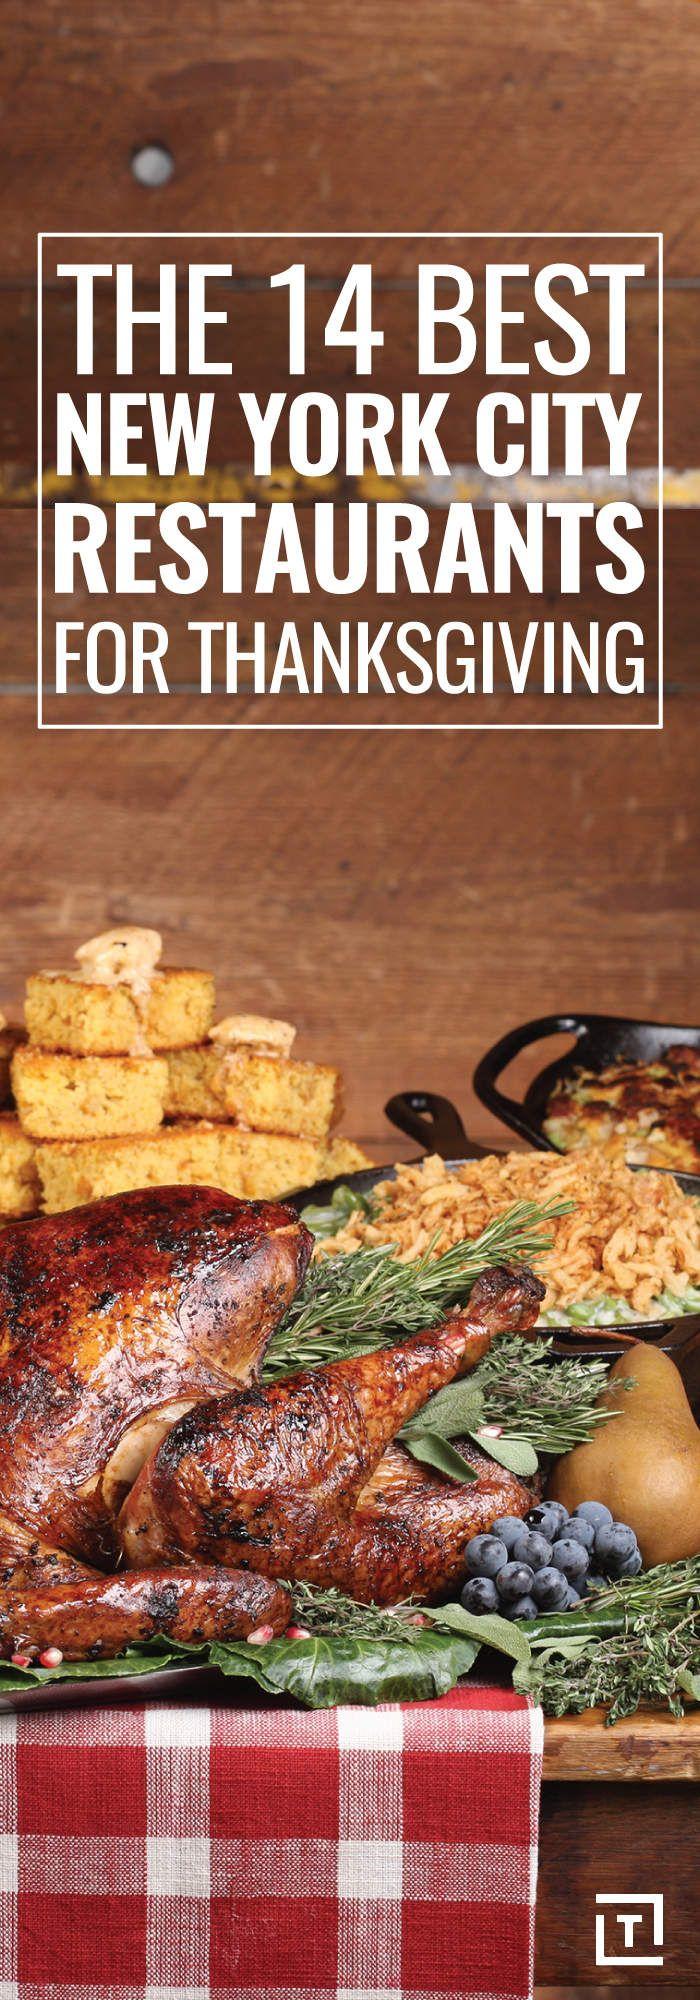 The 14 Best NYC Restaurants for Thanksgiving Dinner